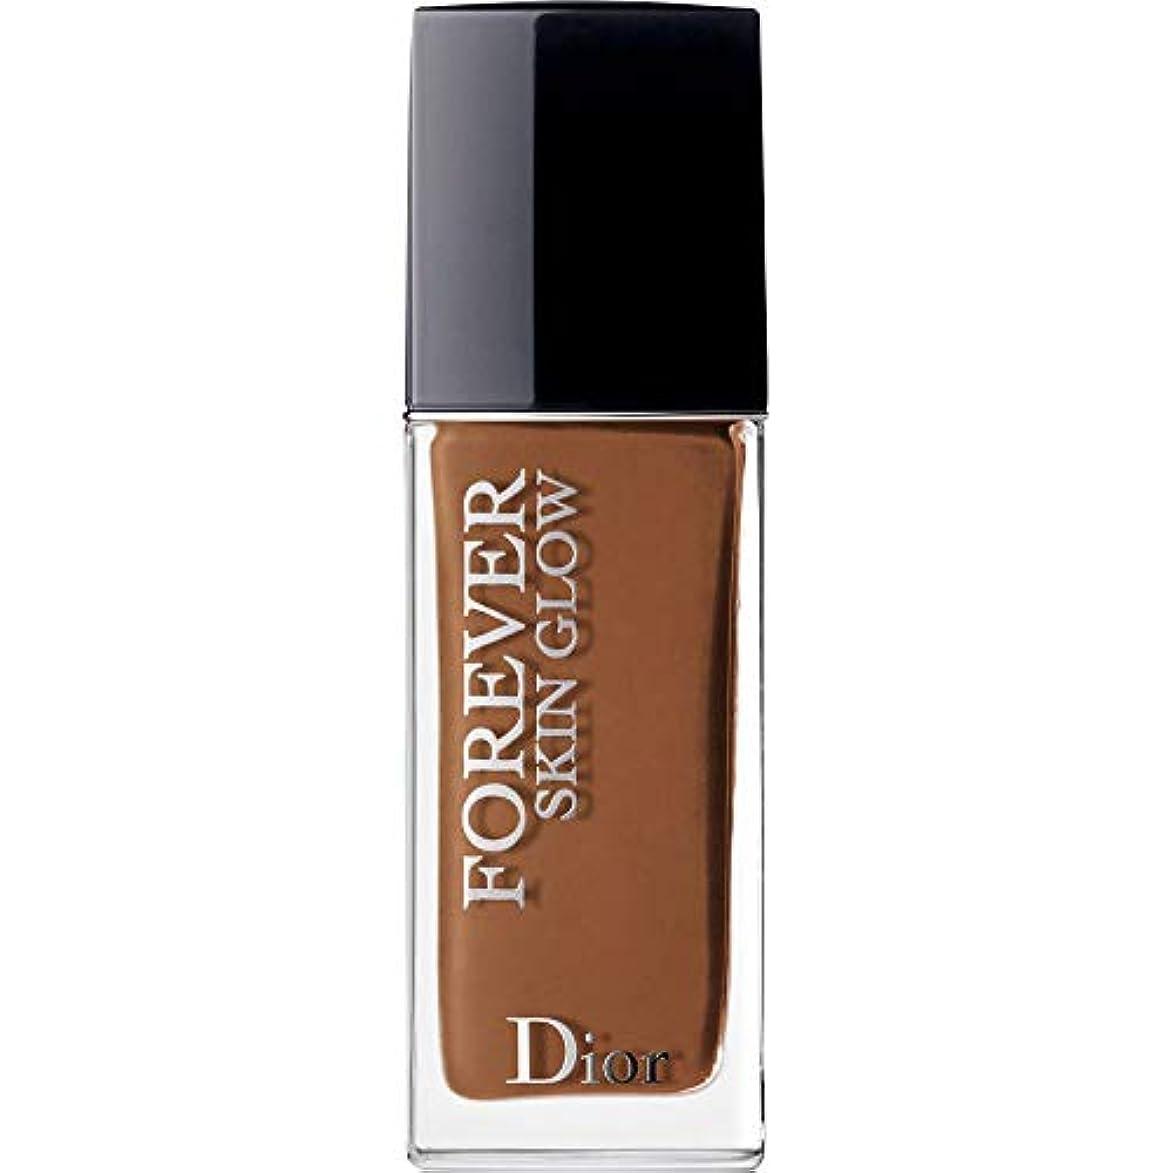 モトリーお誕生日退却[Dior ] ディオール永遠に皮膚グロー皮膚思いやりの基礎Spf35 30ミリリットルの8N - ニュートラル(肌の輝き) - DIOR Forever Skin Glow Skin-Caring Foundation...